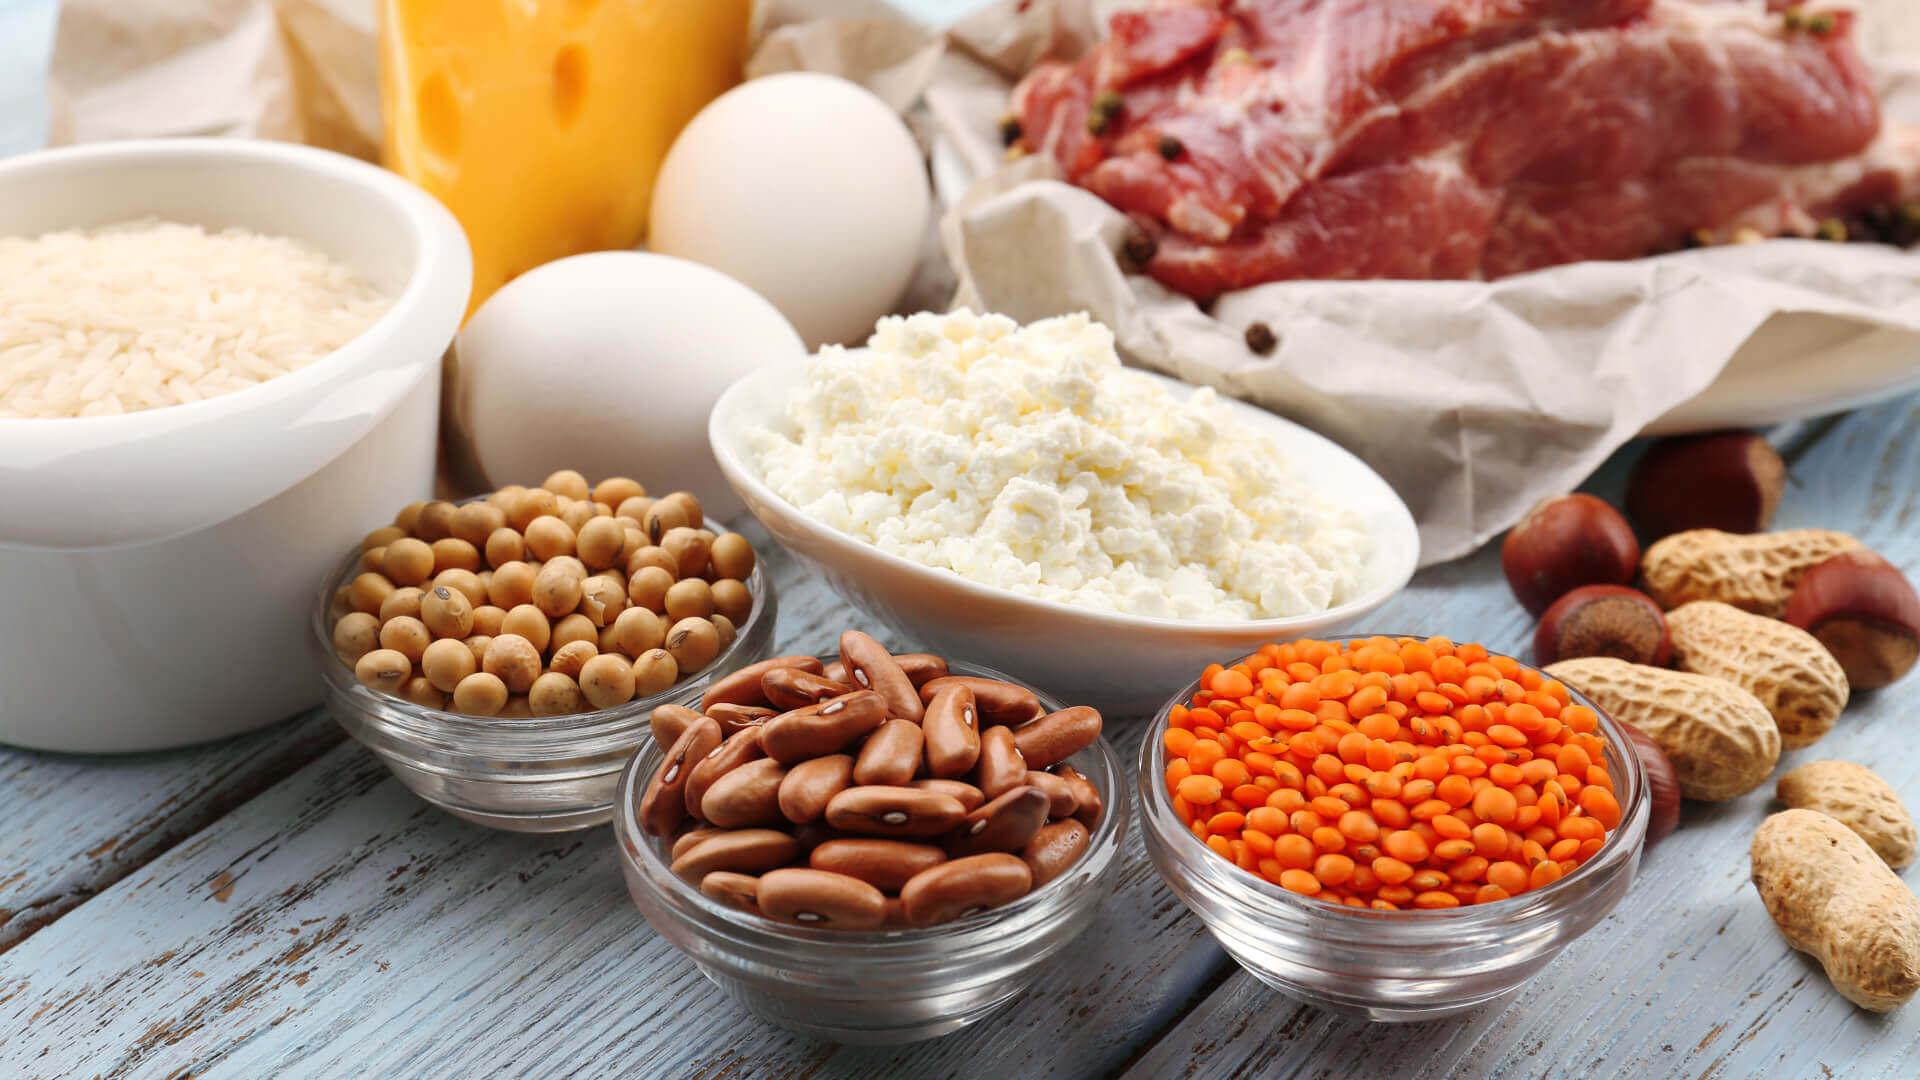 Najlepsze źródła białka w pożywieniu | Michał Wrzosek